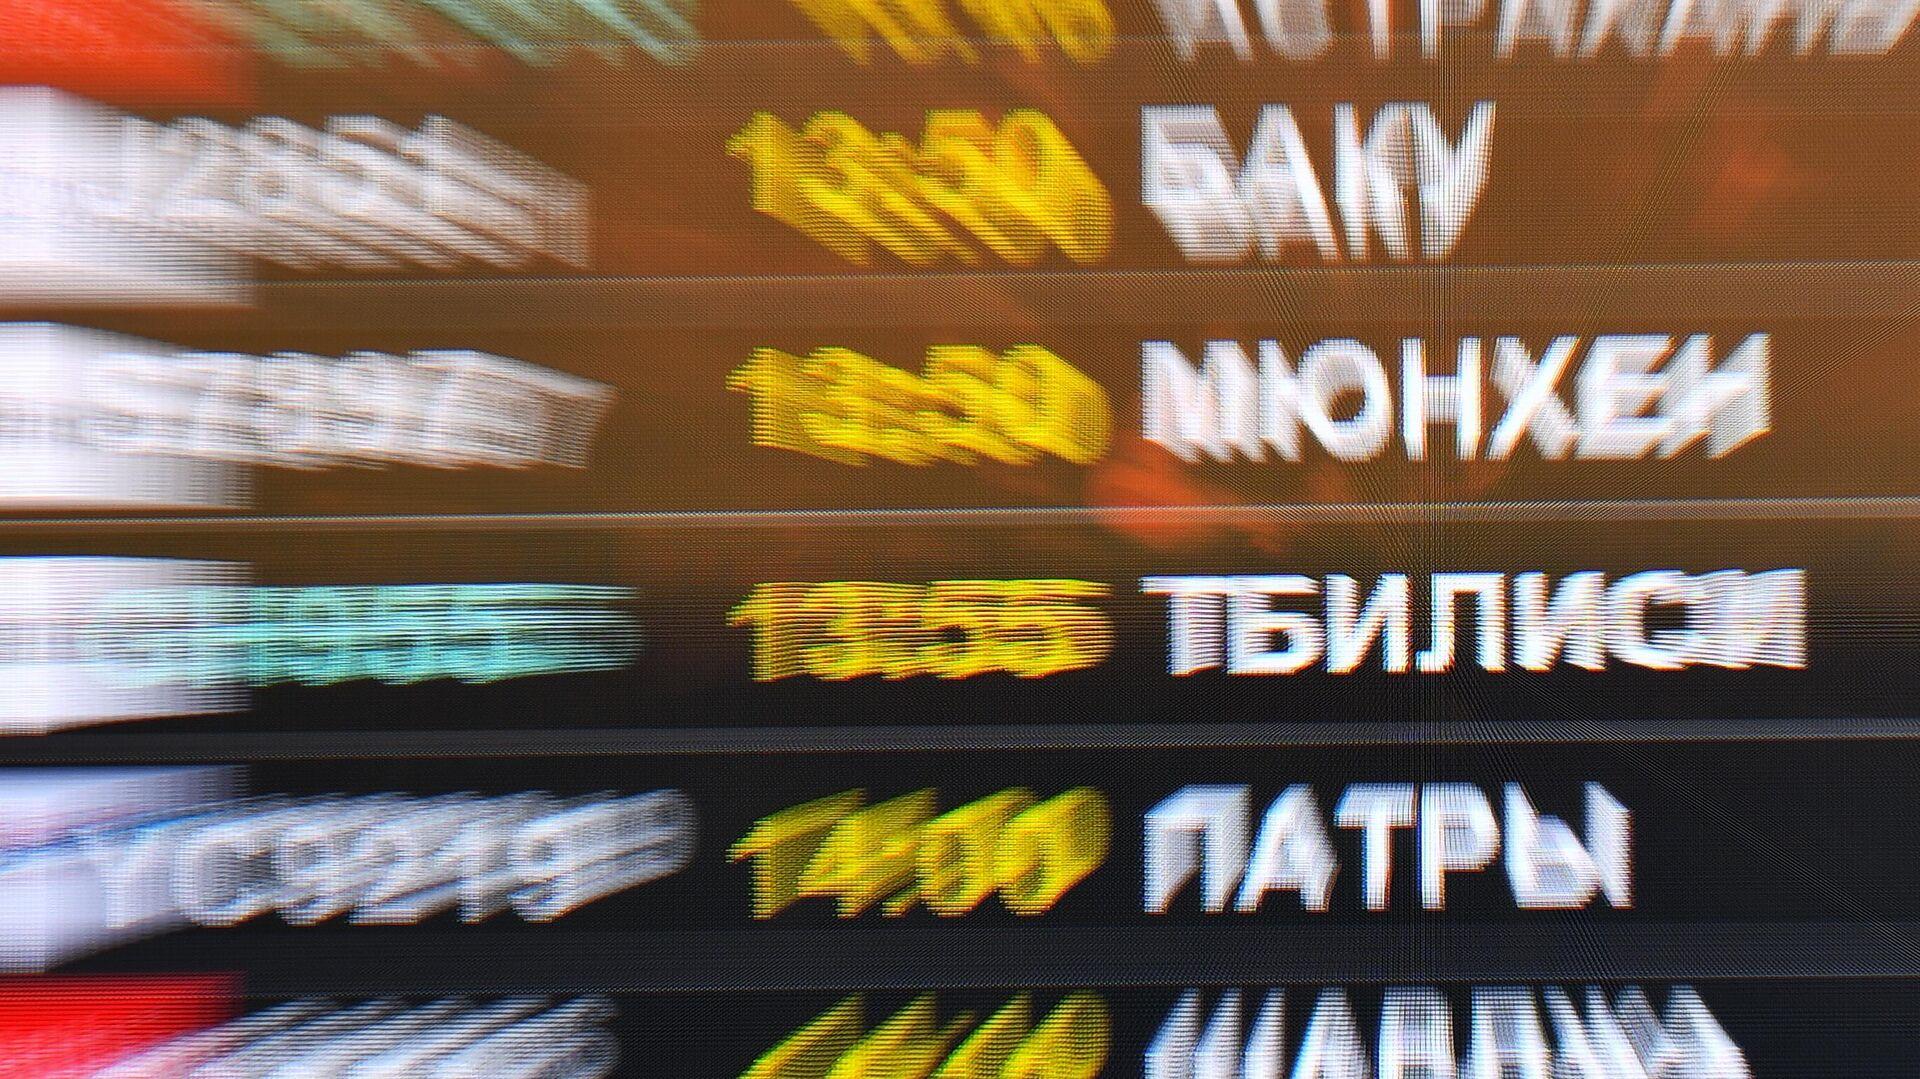 Авиасообщение между Россией и Грузией   - РИА Новости, 1920, 04.03.2021